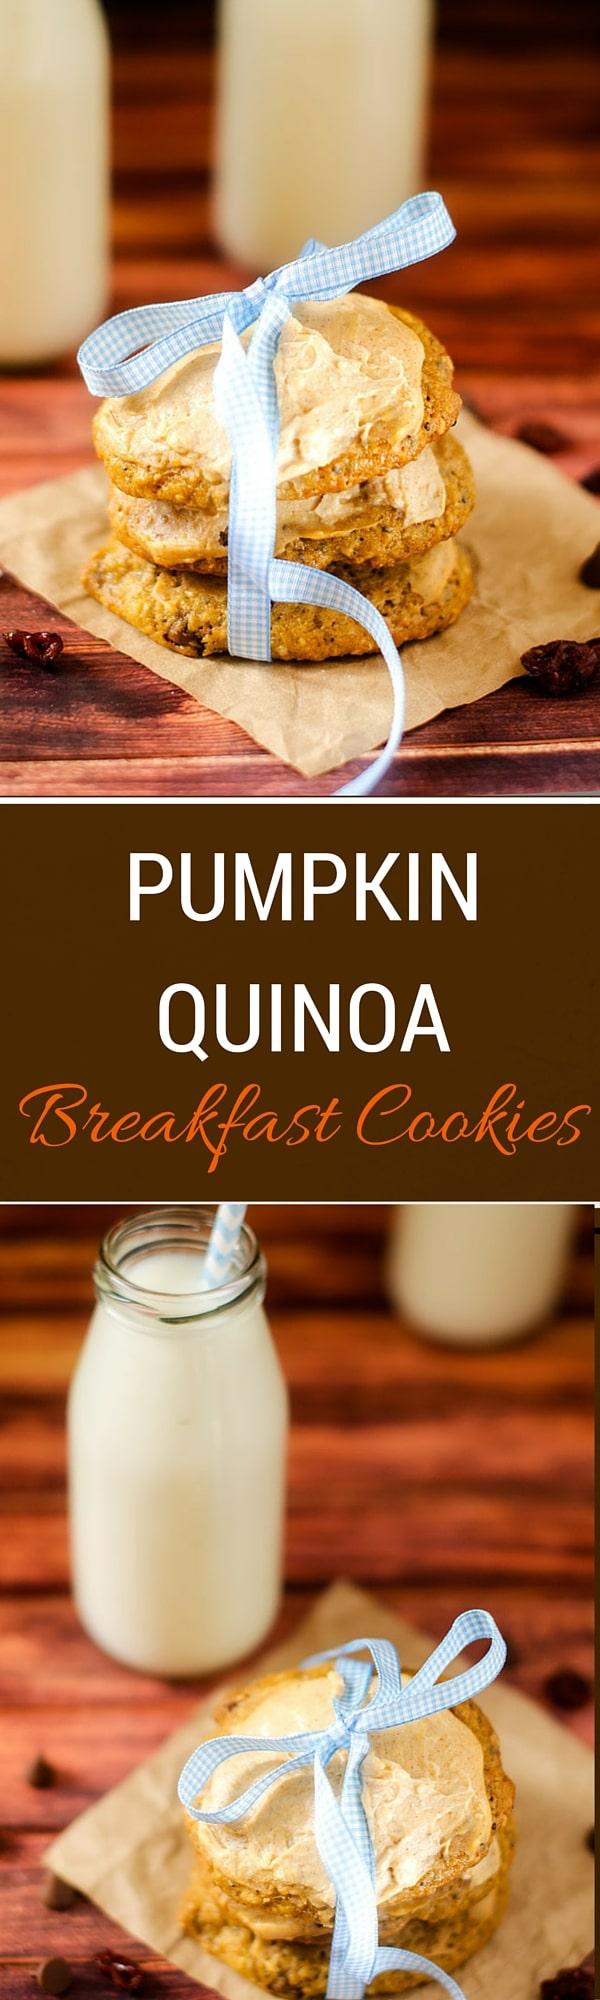 Pumpkin Quinoa Breakfast Cookies